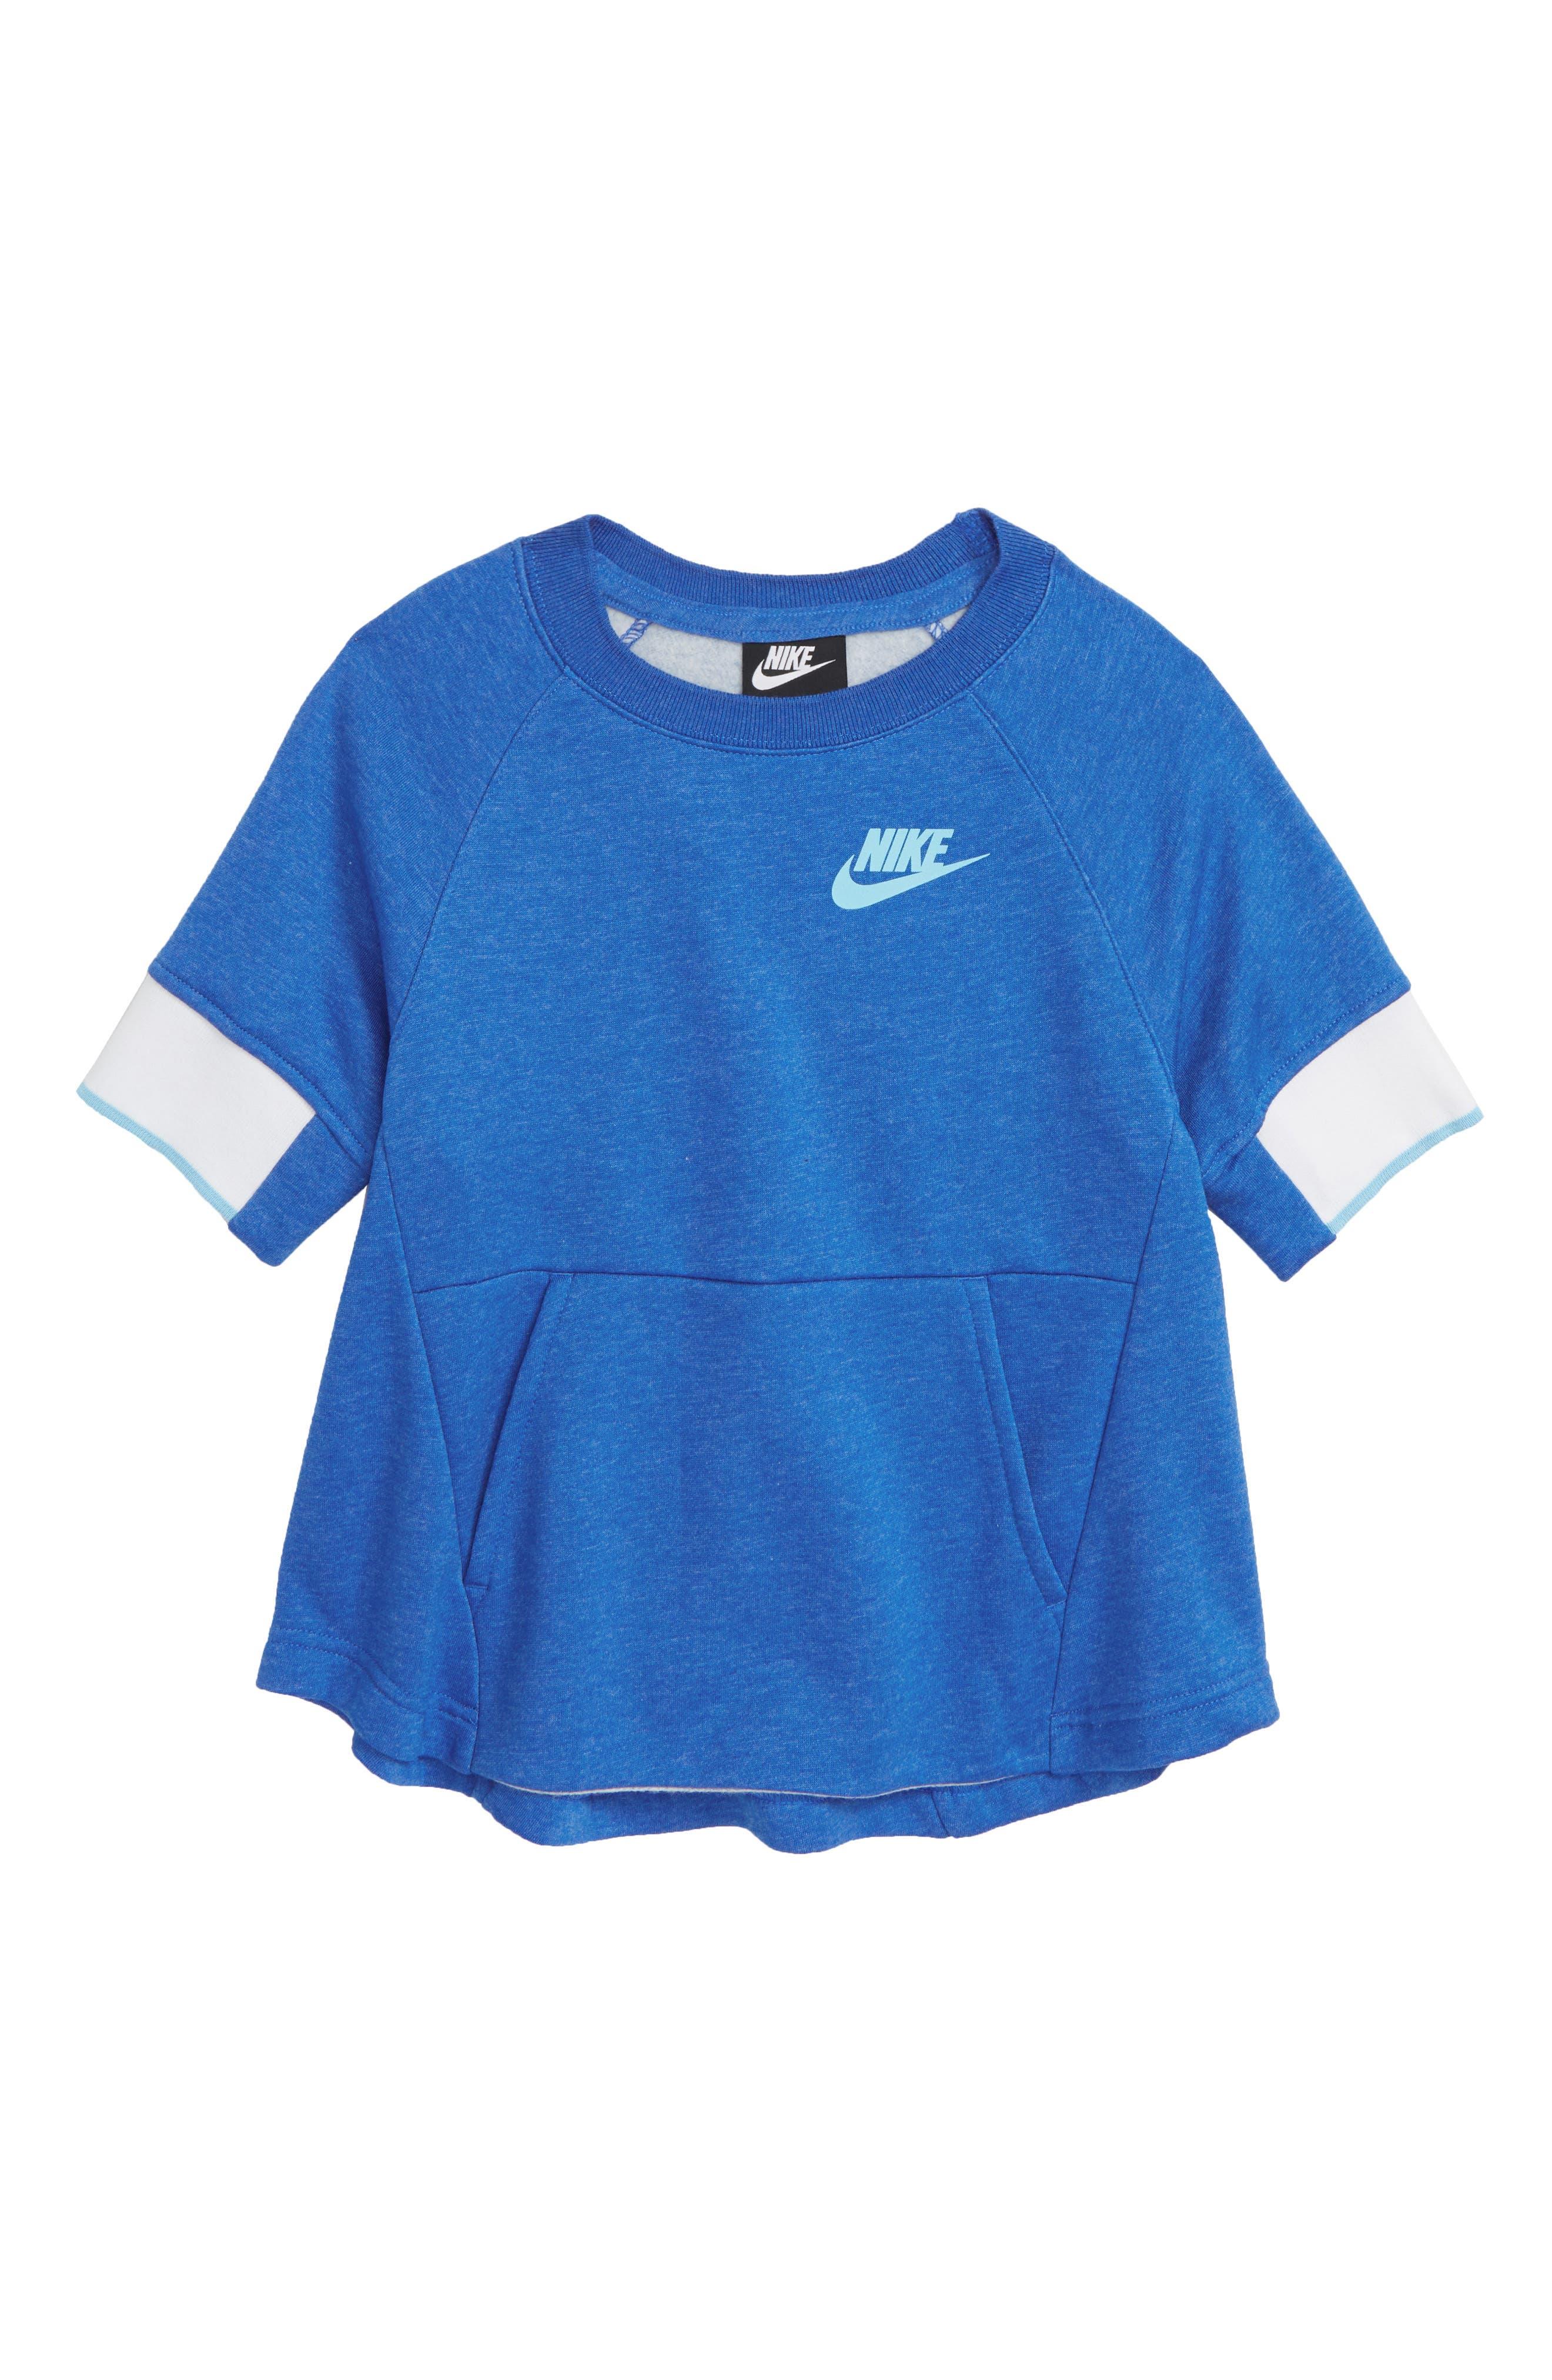 Sportswear Crewneck Pullover,                         Main,                         color, SIGNAL BLUE/ HTR/ BLUE CHILL